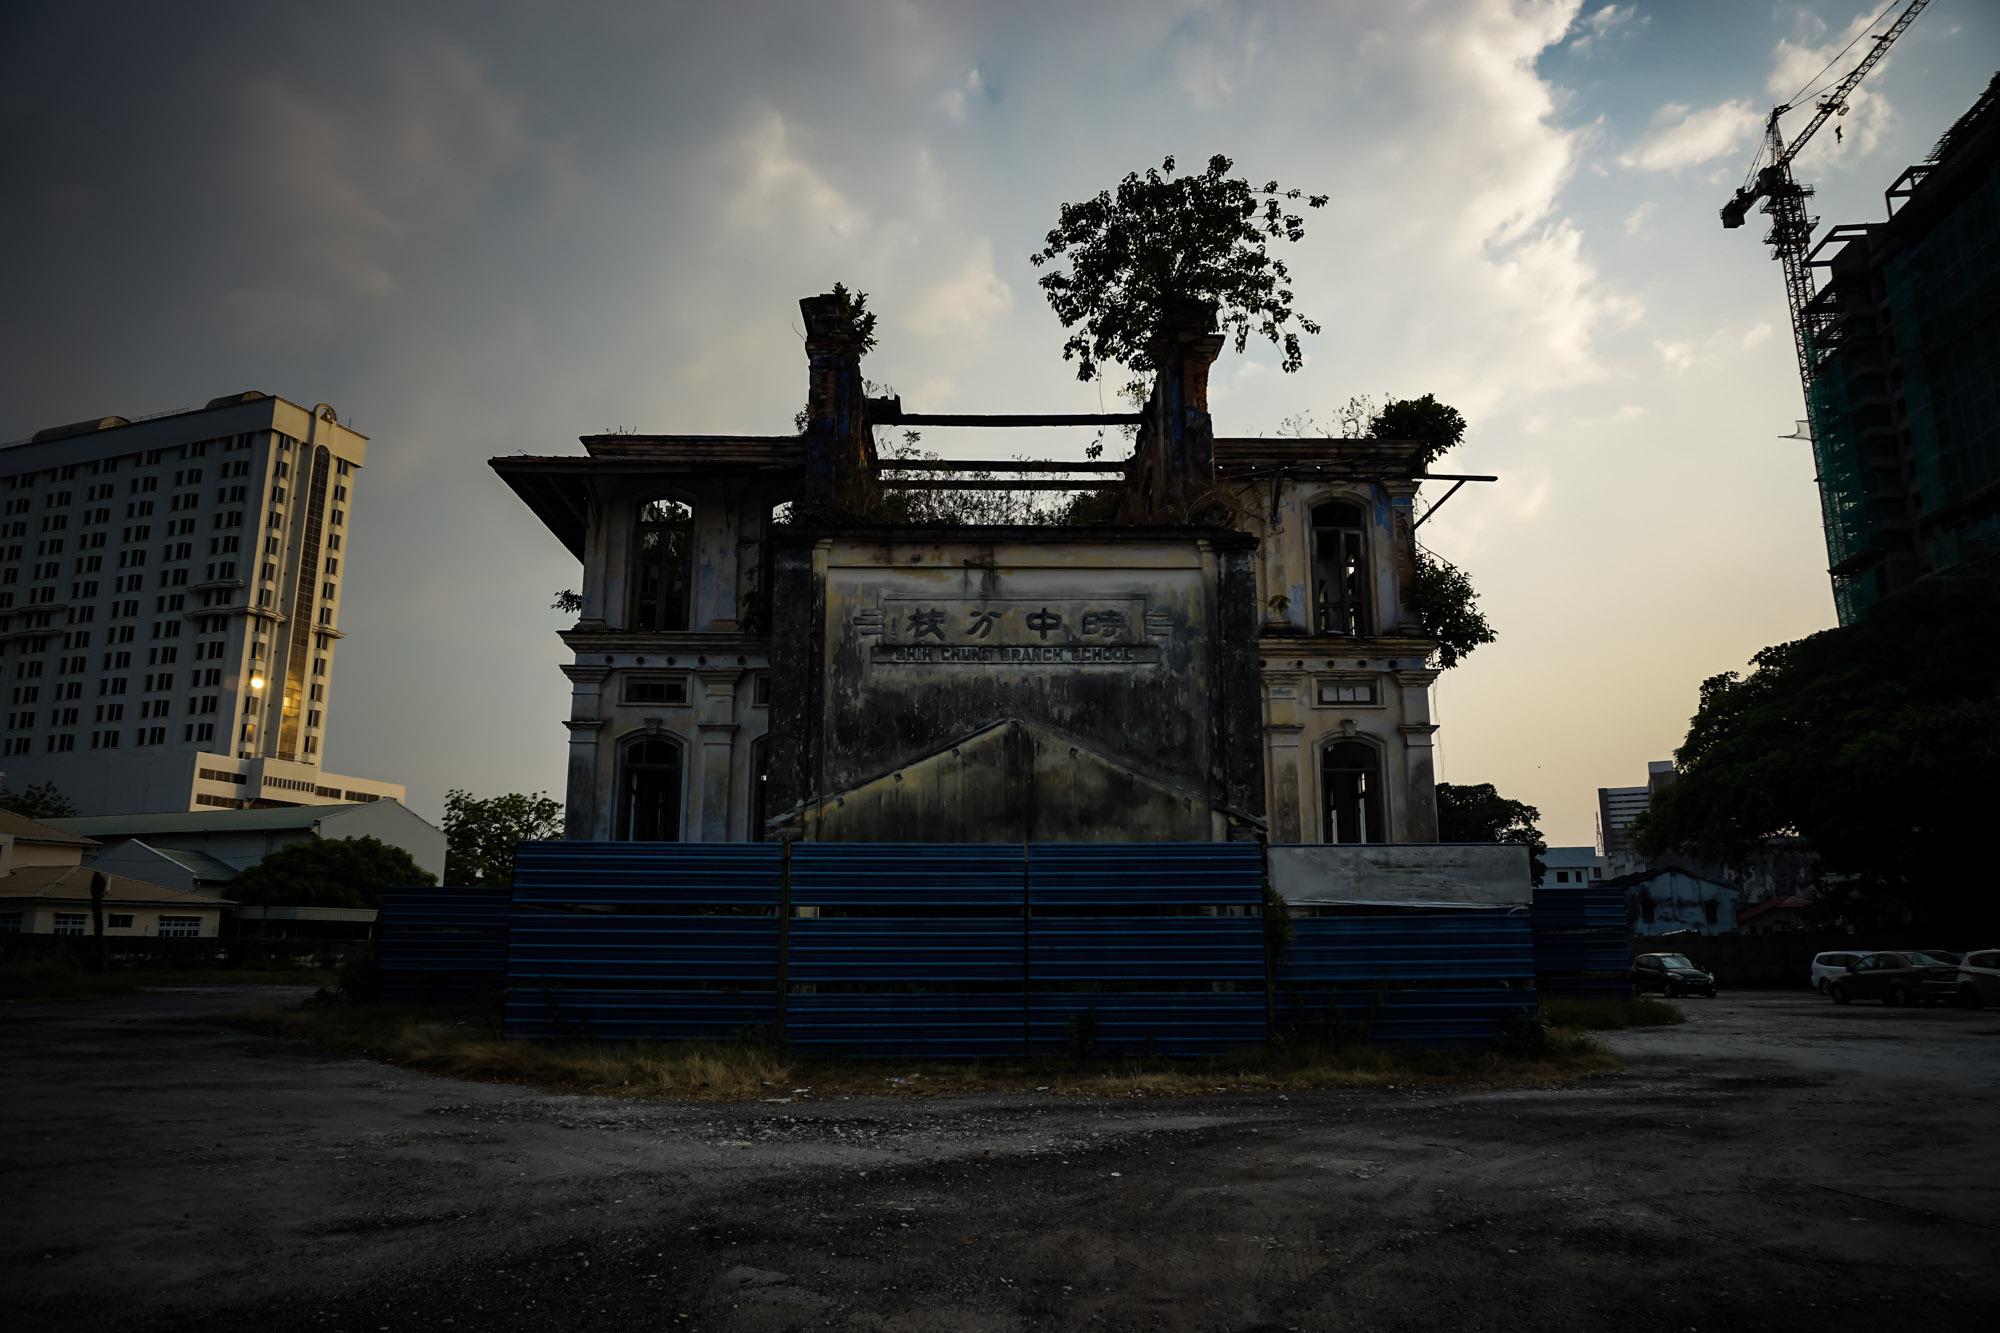 Shih Chung Branch School in Penang, Malaysia.